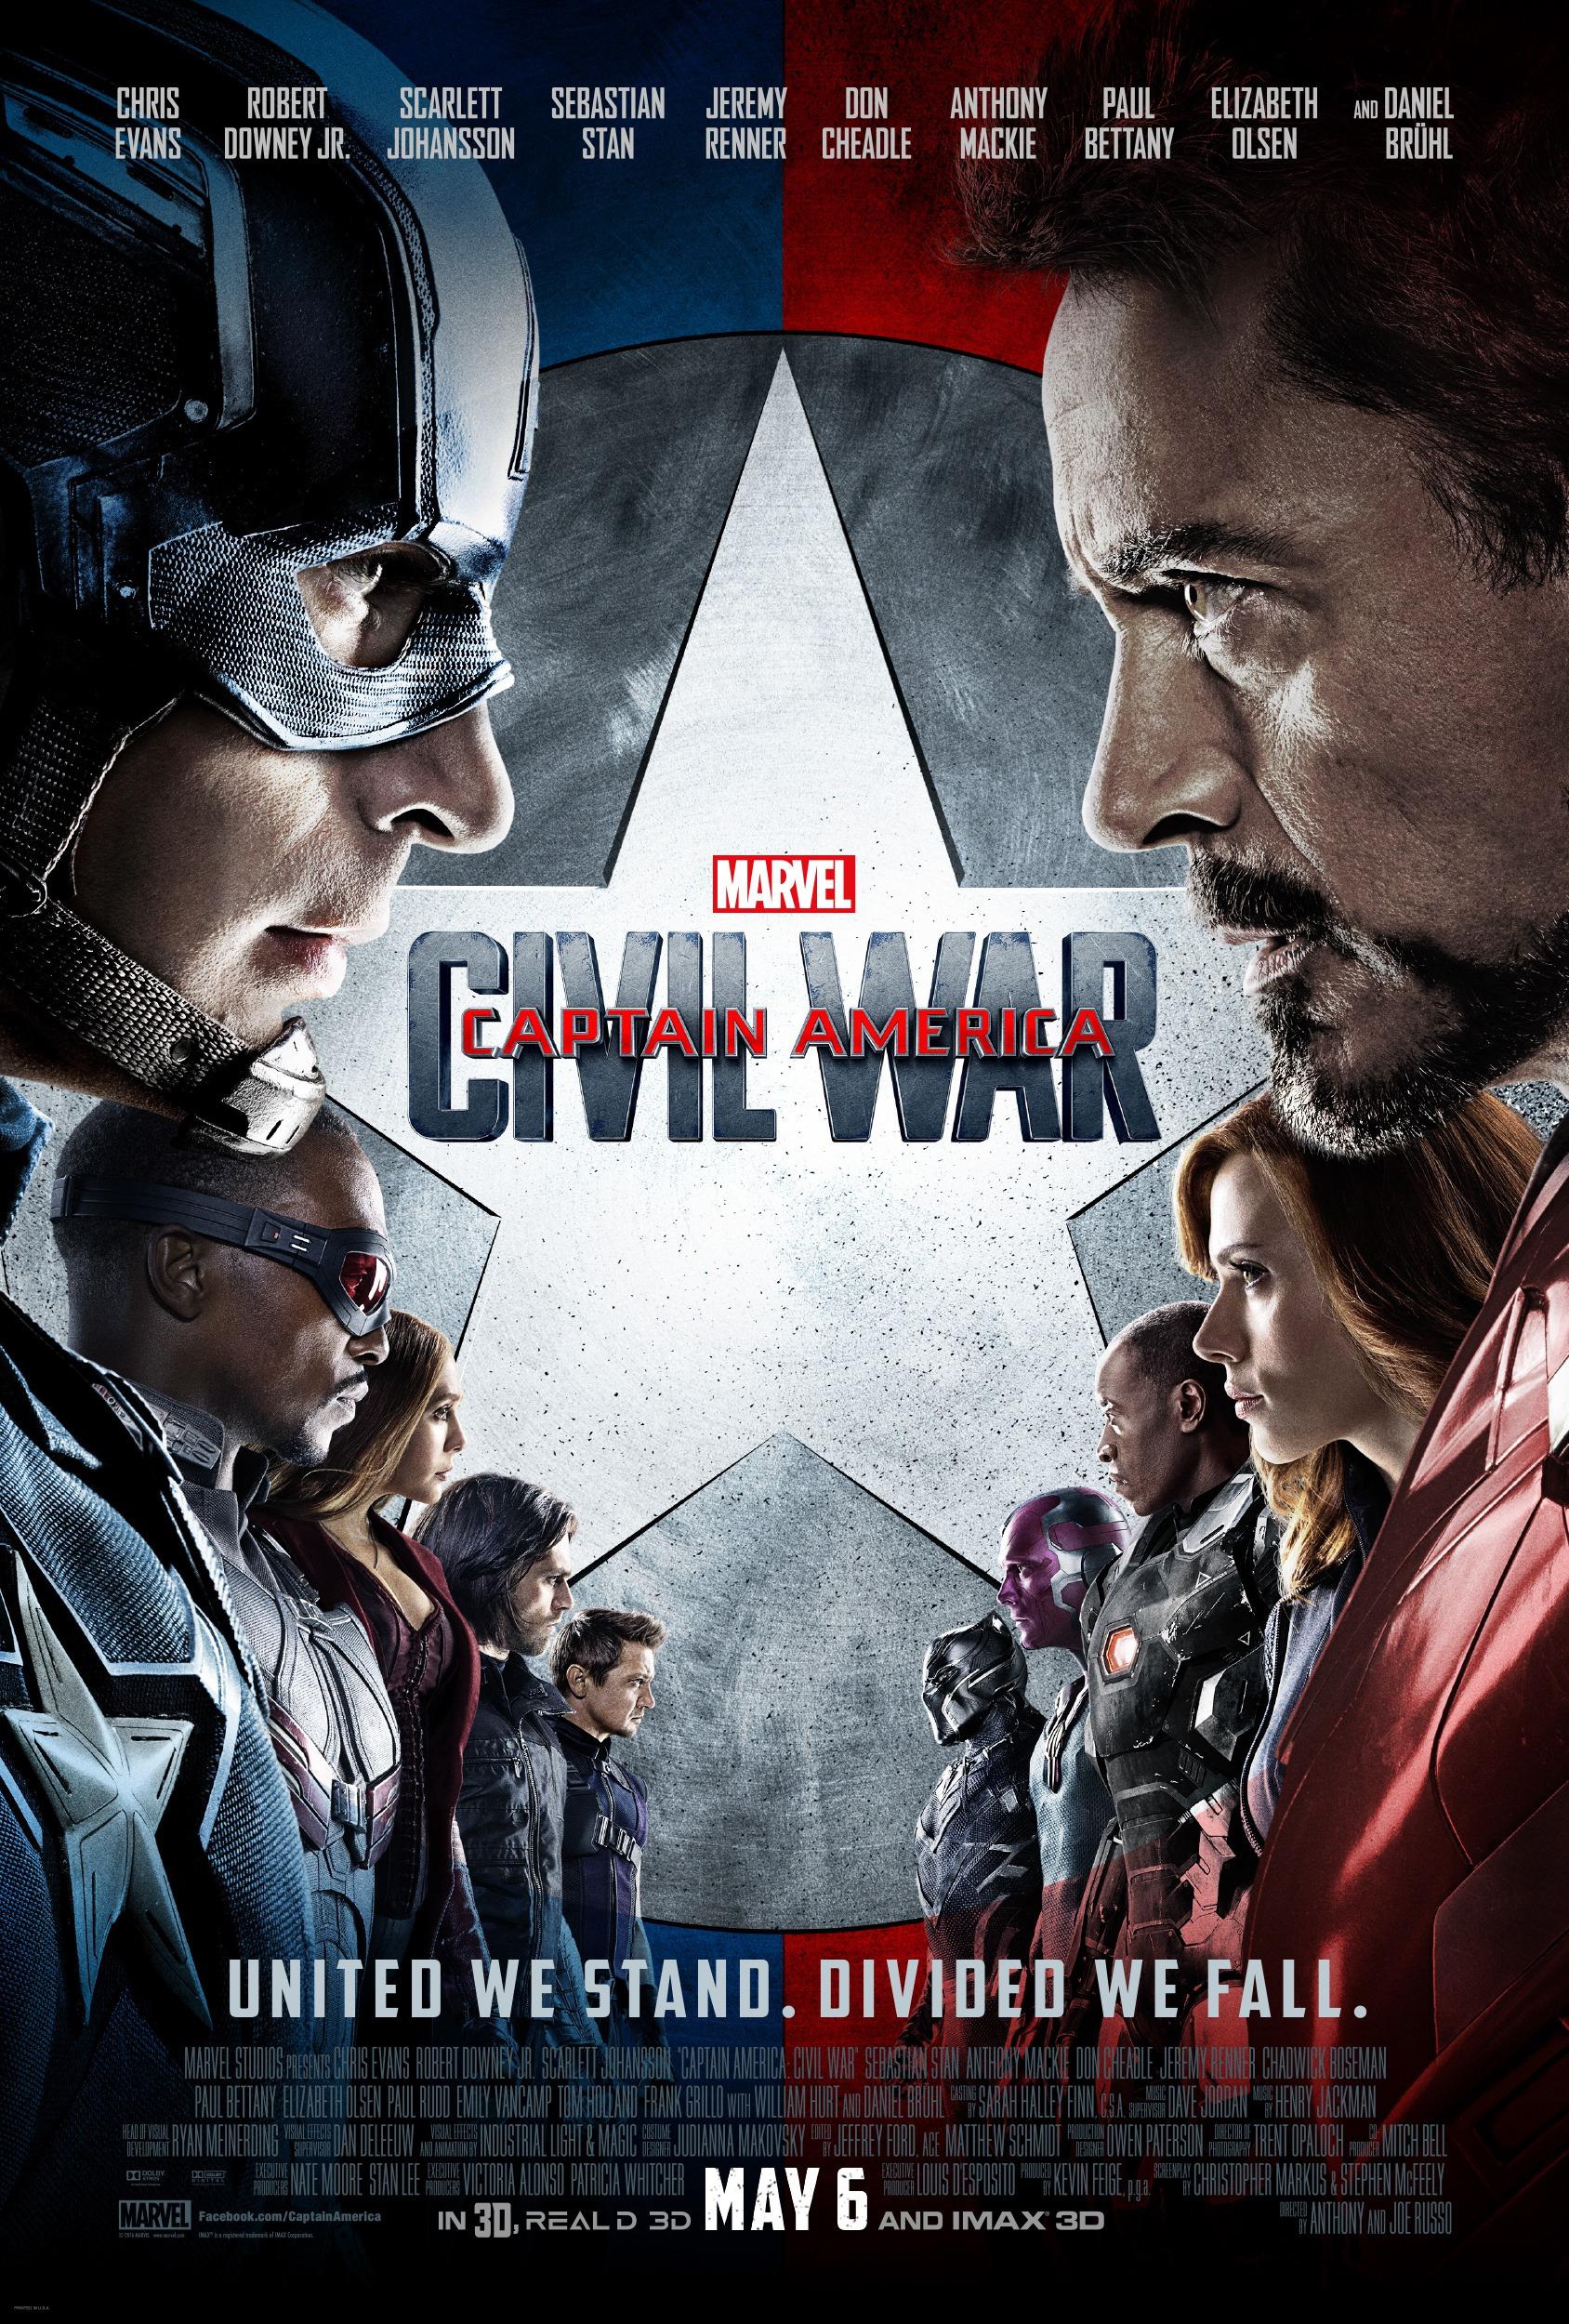 Marvel's_Captain_America_-_Civil_War_-_Theatrical_Poster.jpg